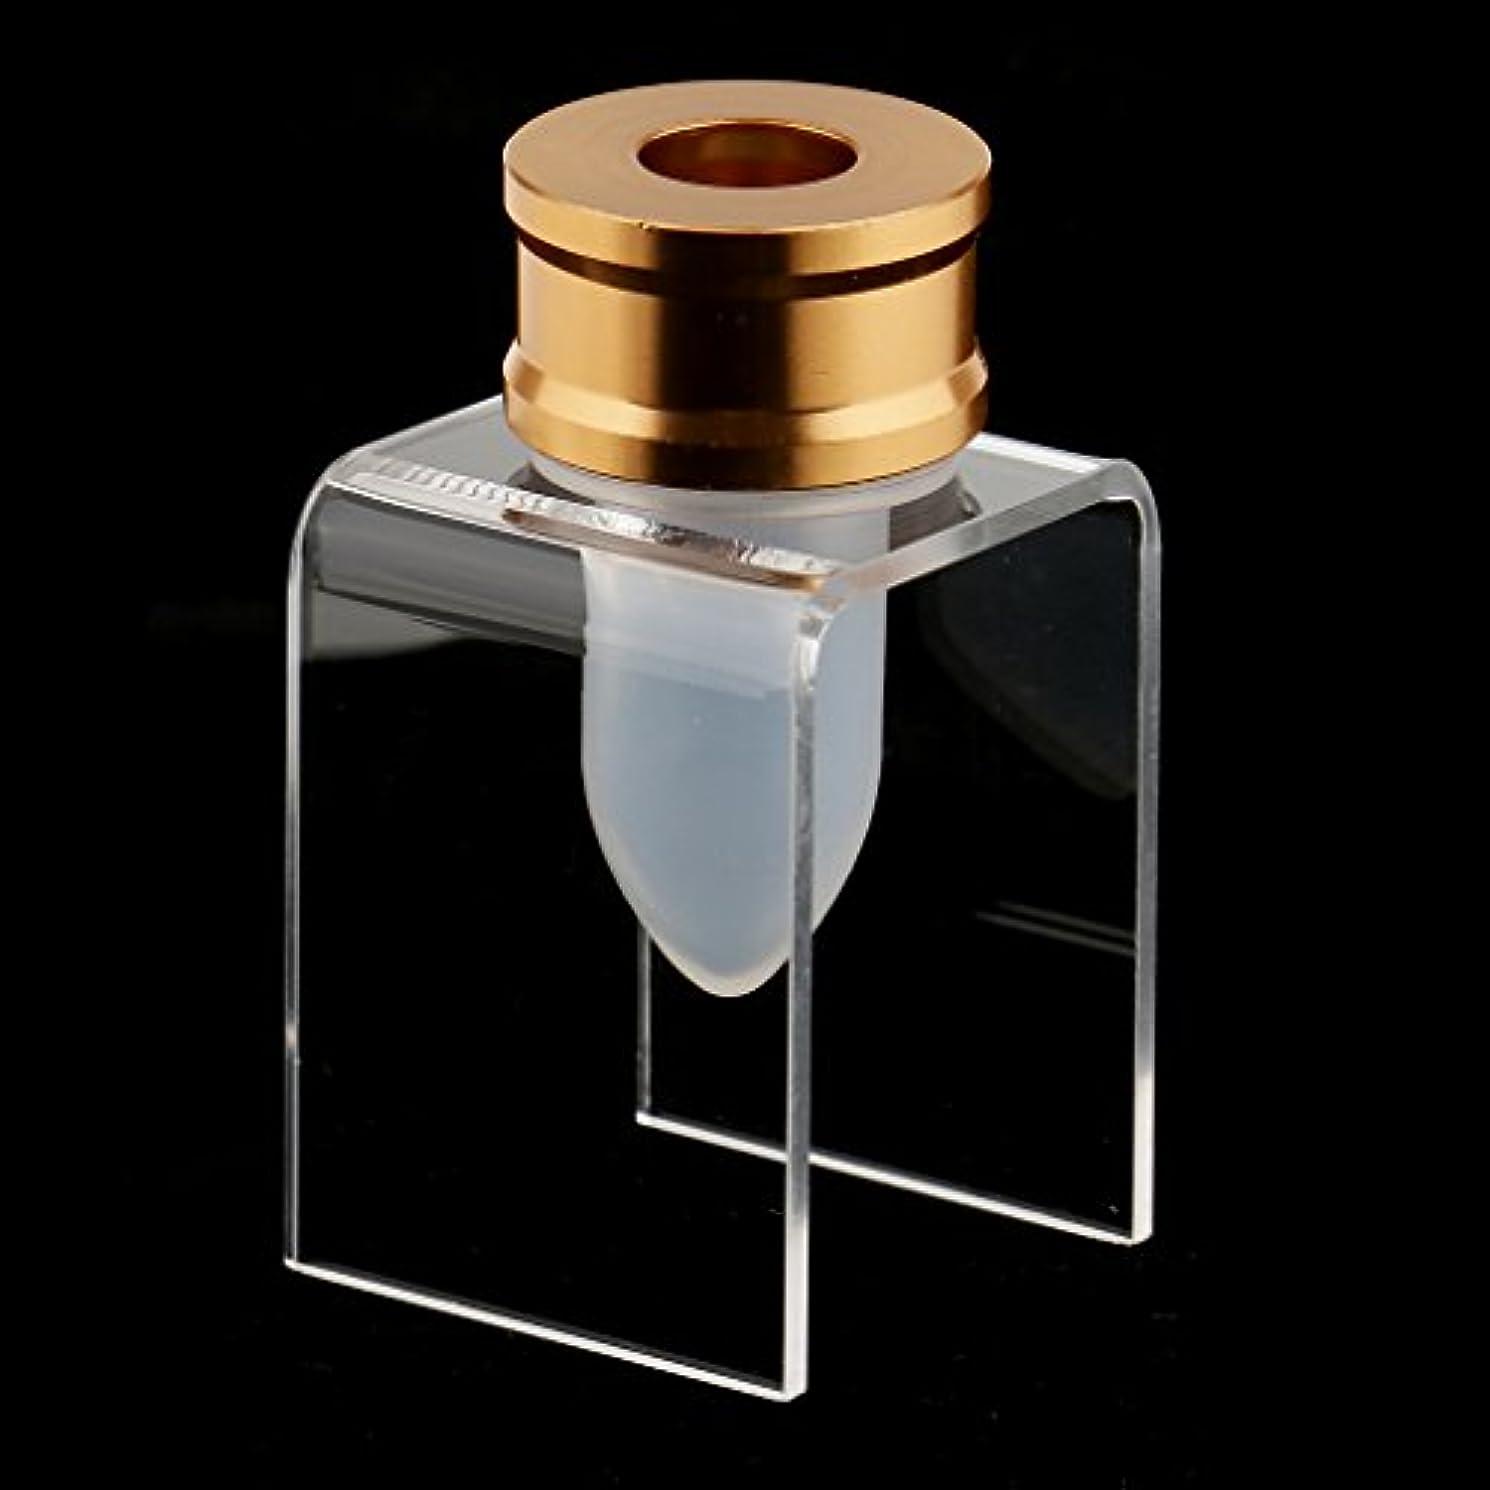 付添人れる意味するCUTICATE 口紅型 リップバームモールド DIY 金型 12.1mmチューブ 手作り化粧品